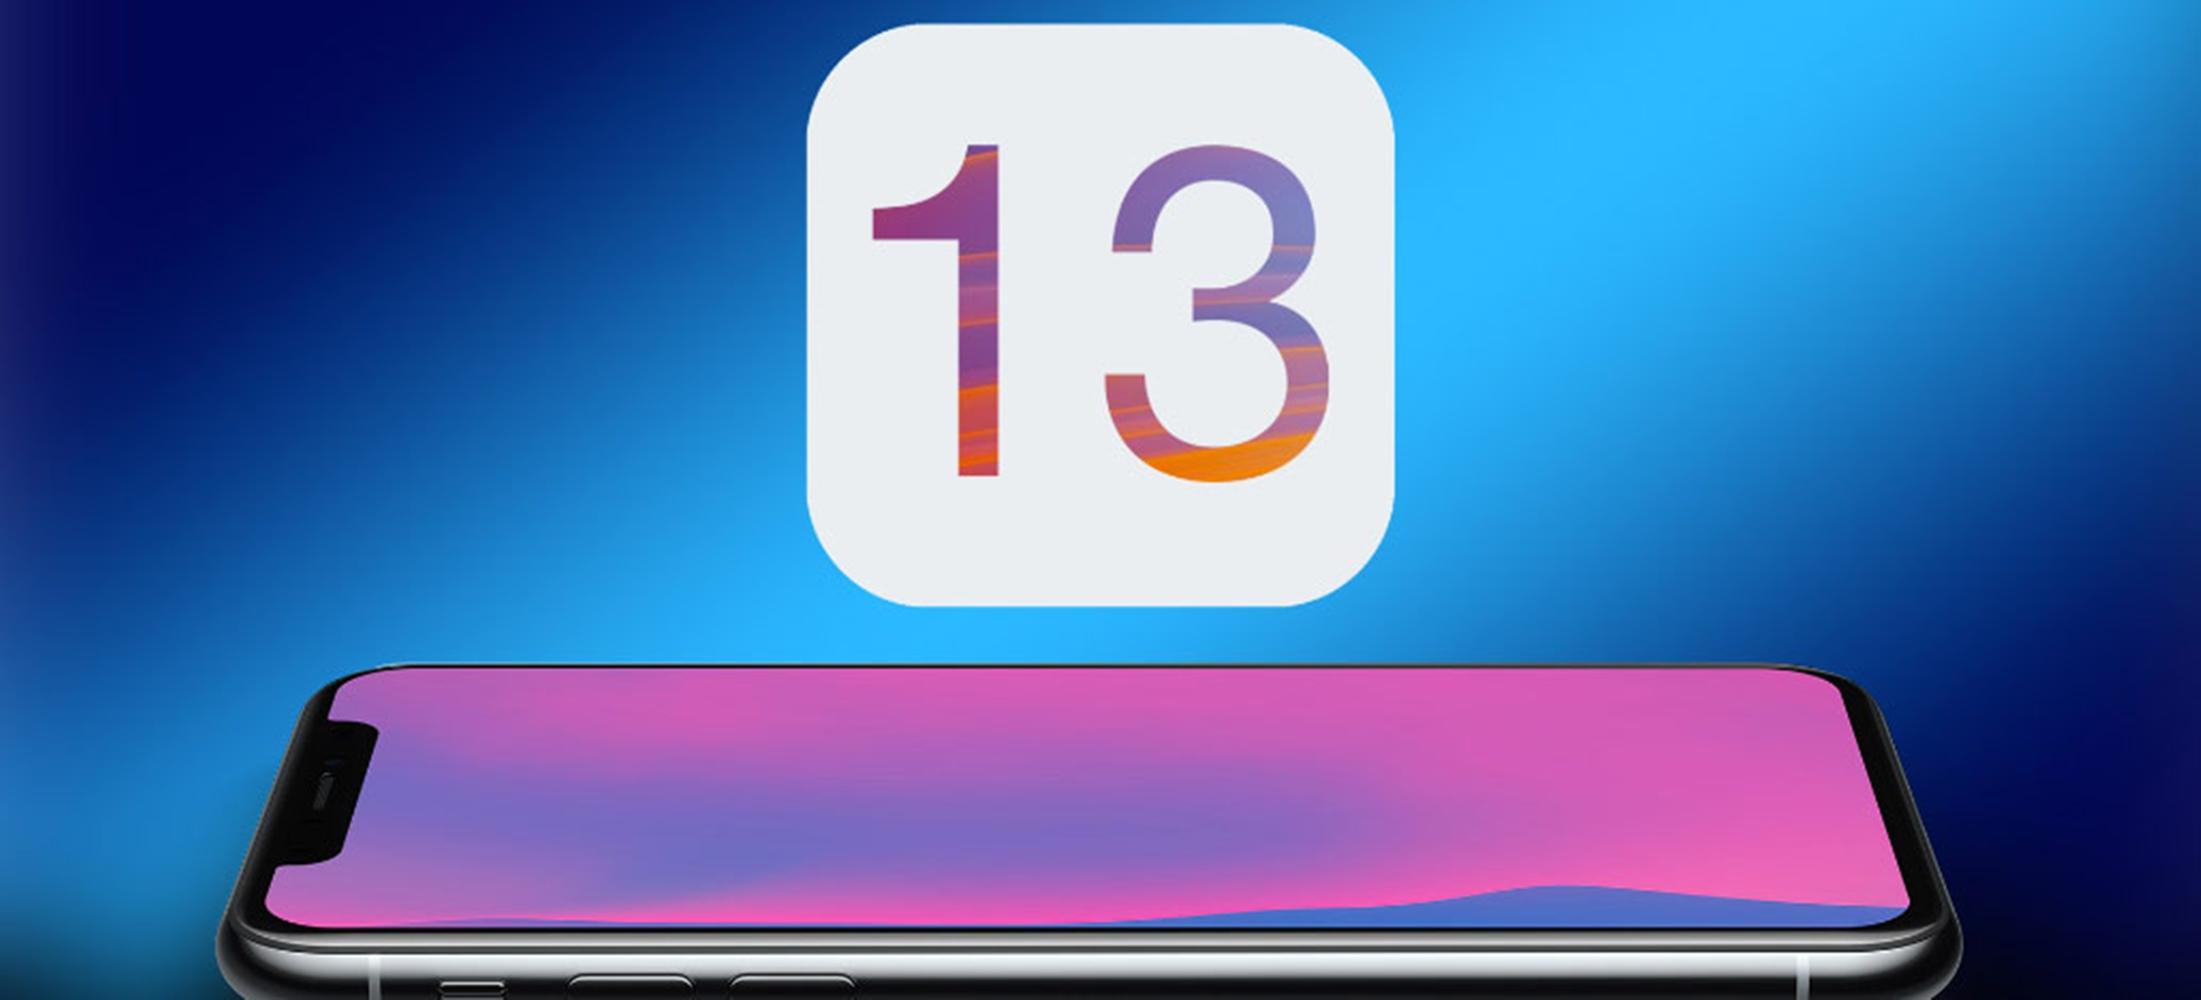 Inilah Tanggal Rilis Sistem Terbaru iOS 13 Secara Resmi, Catat Tanggalnya 3